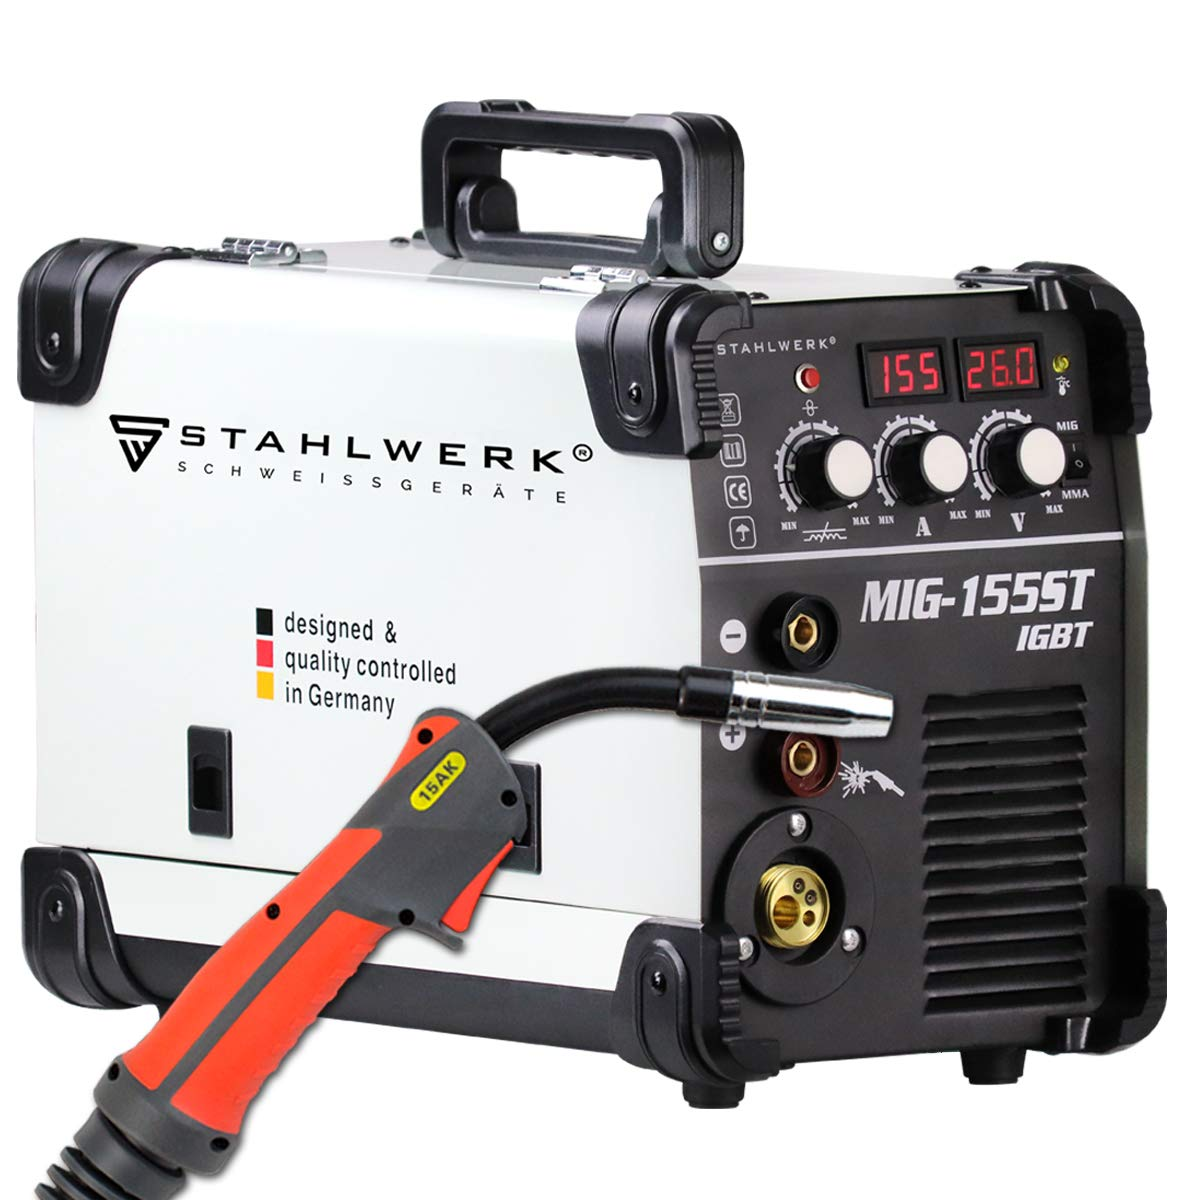 STAHLWERK MIG 155 ST IGBT Equipo de soldadura de gas de protección MIG MAG con 155 A, hilo tubular FLUX adecuado, con MMA E-Hand, 7 años de garantía